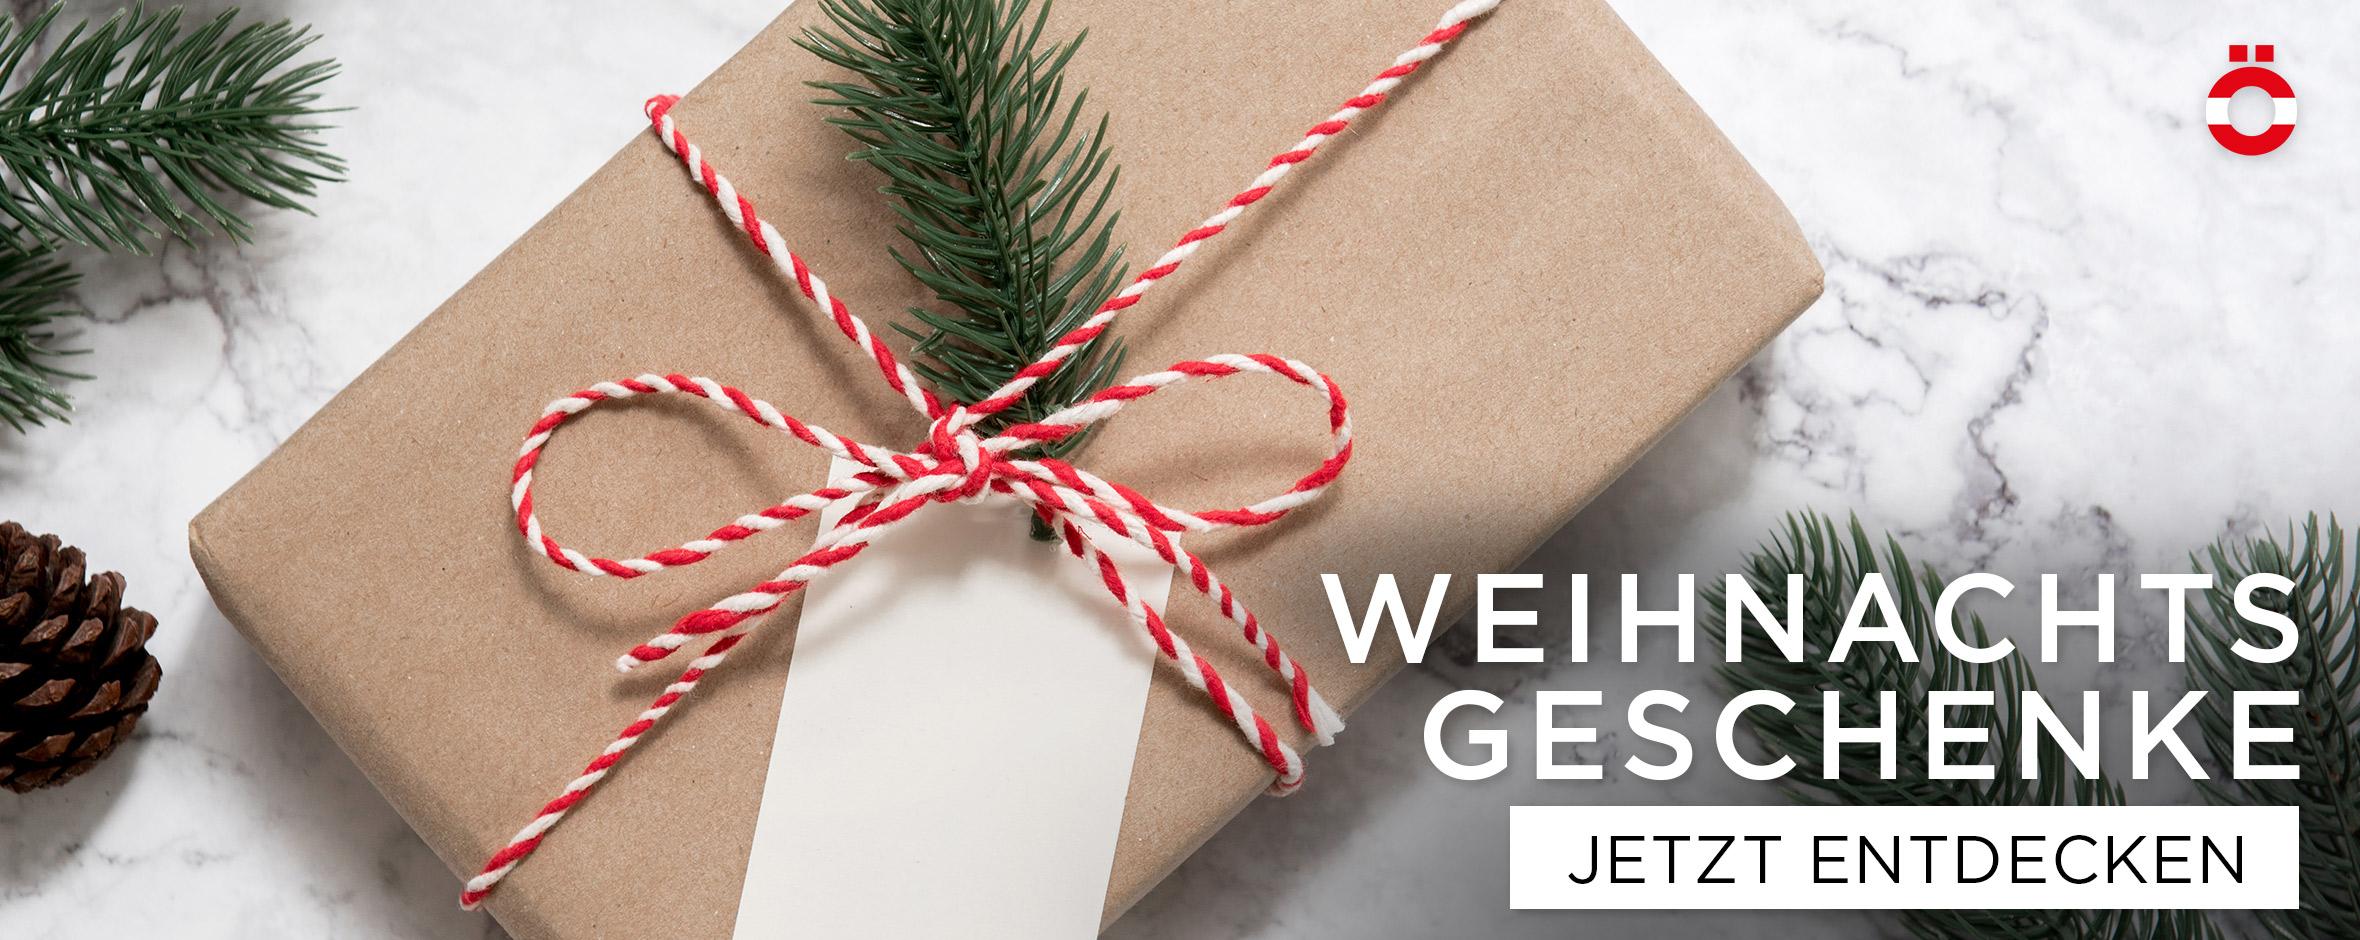 Weihnachtsgeschenke online kaufen - shöpping.at